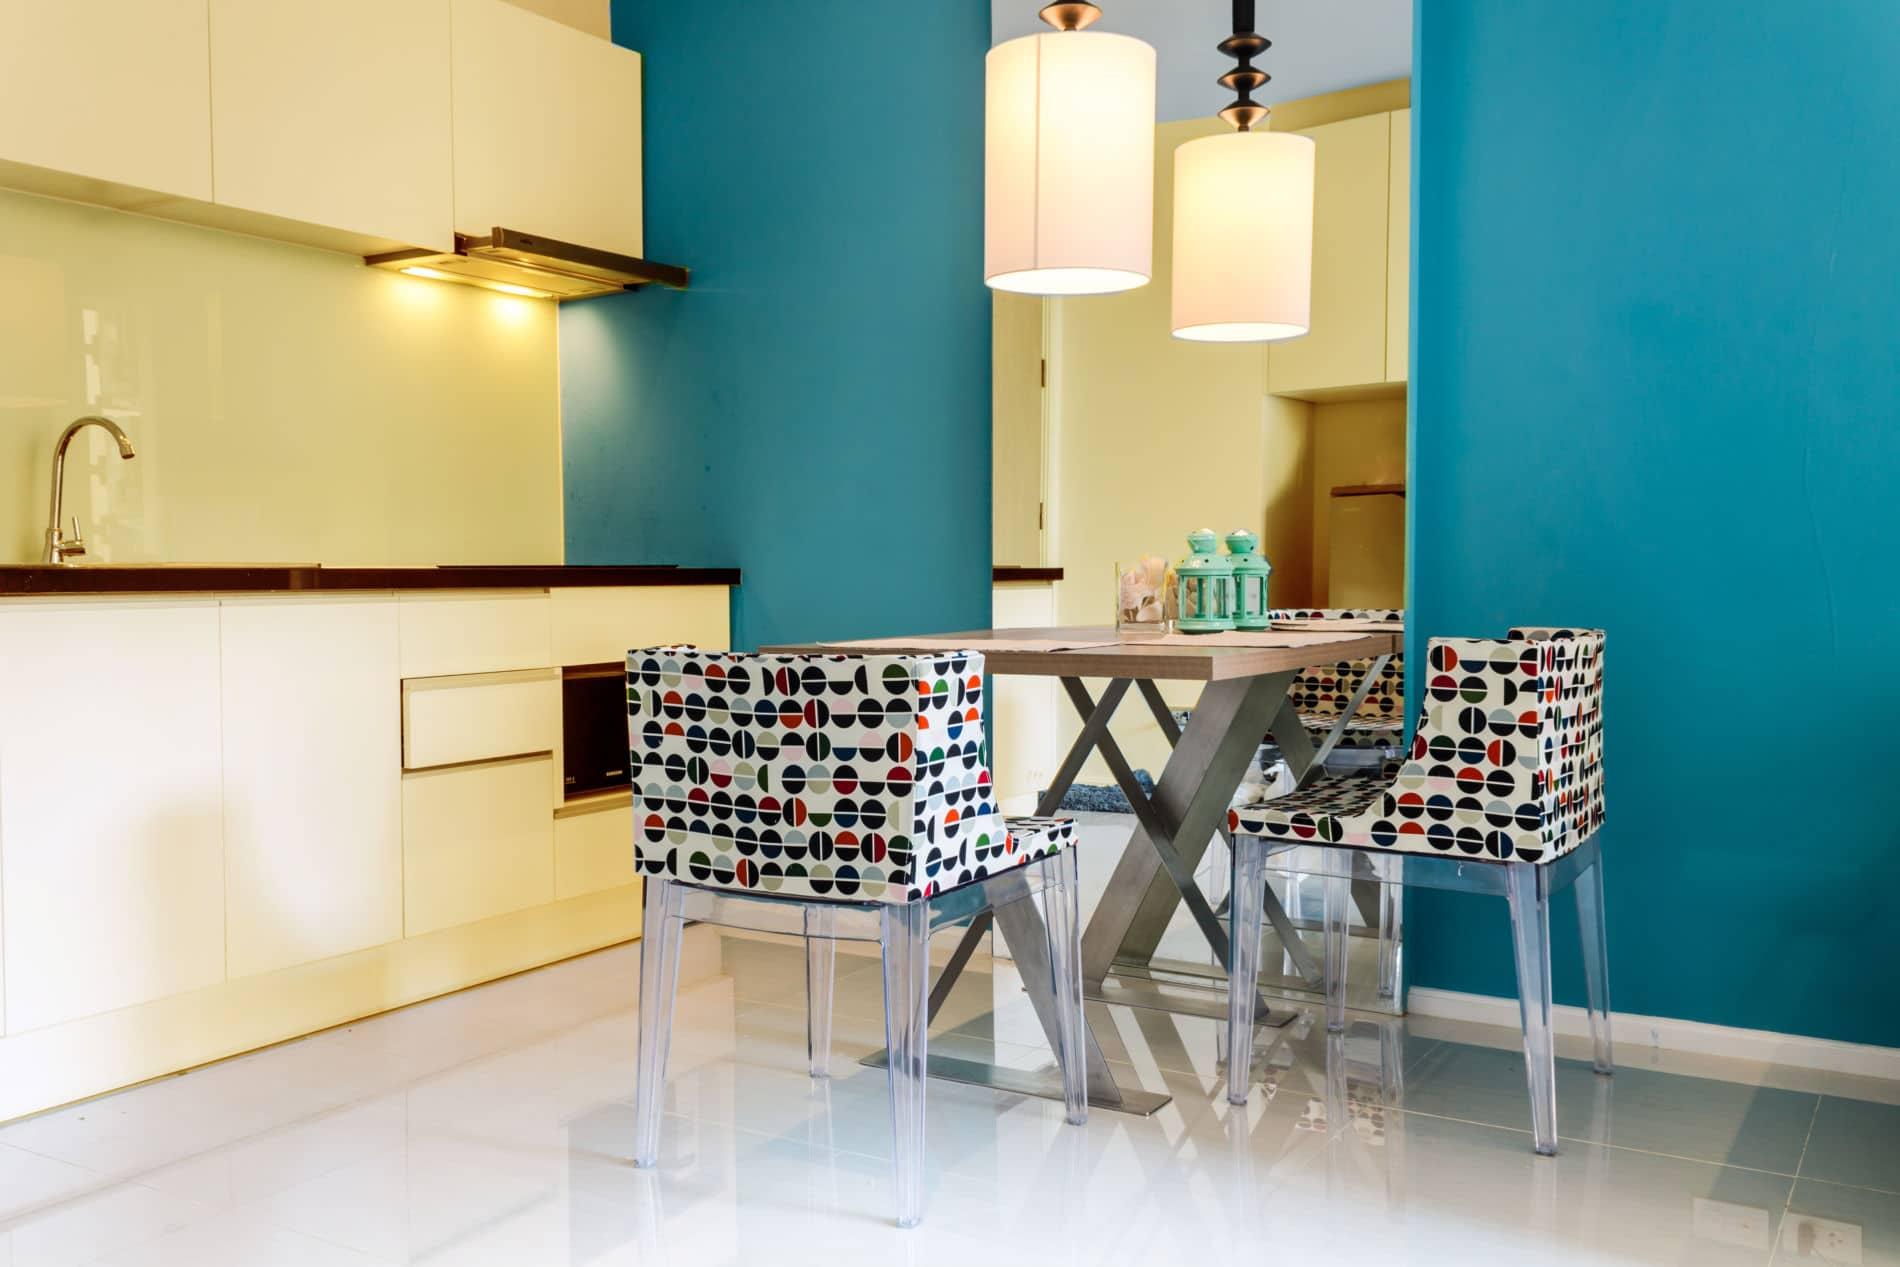 מטבחים מודרניים מעוצבים בהתאמה אישית בצבע צהבהב ועוד.